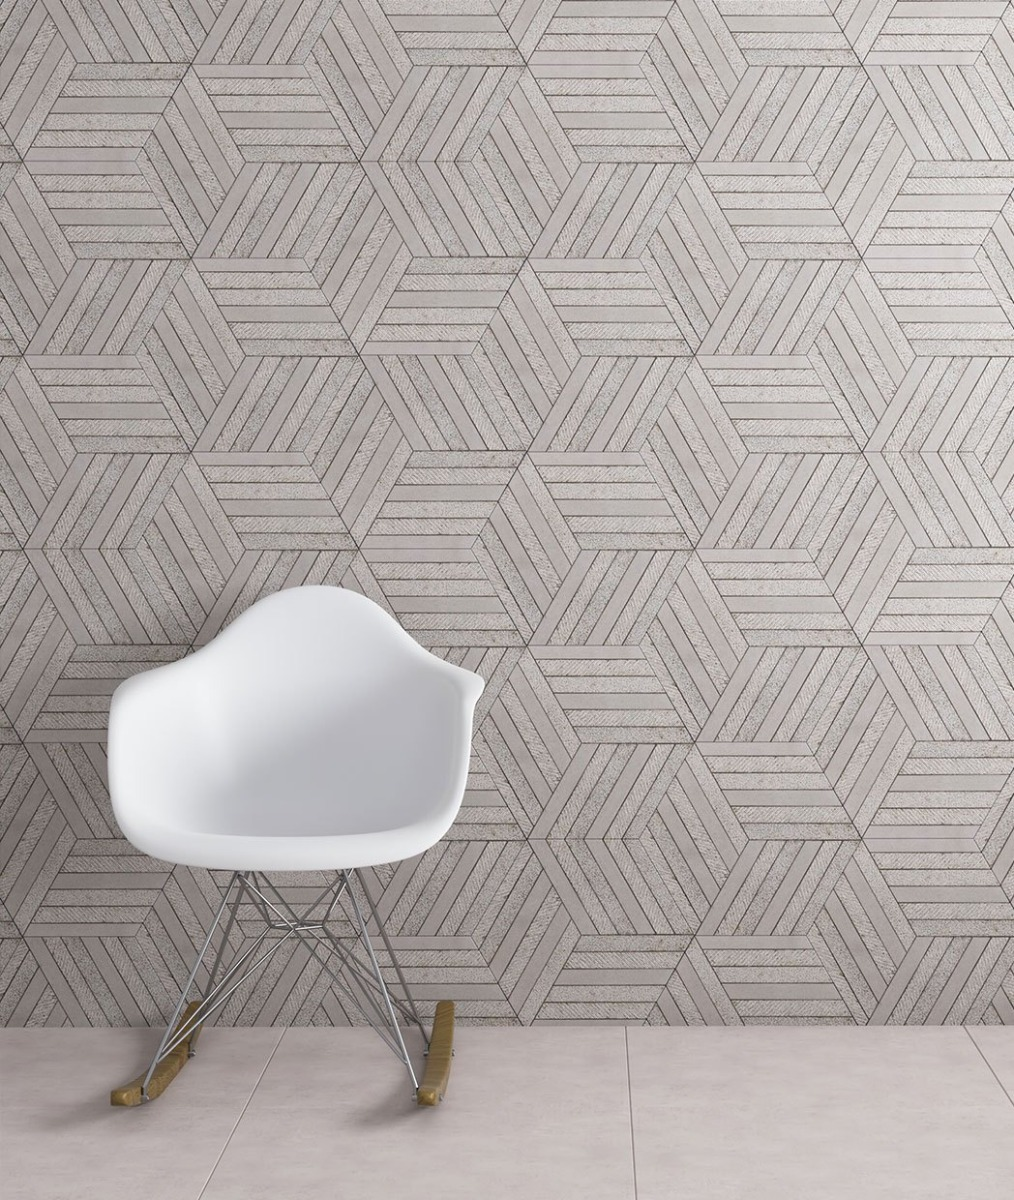 Claybrook Interiors Tiles